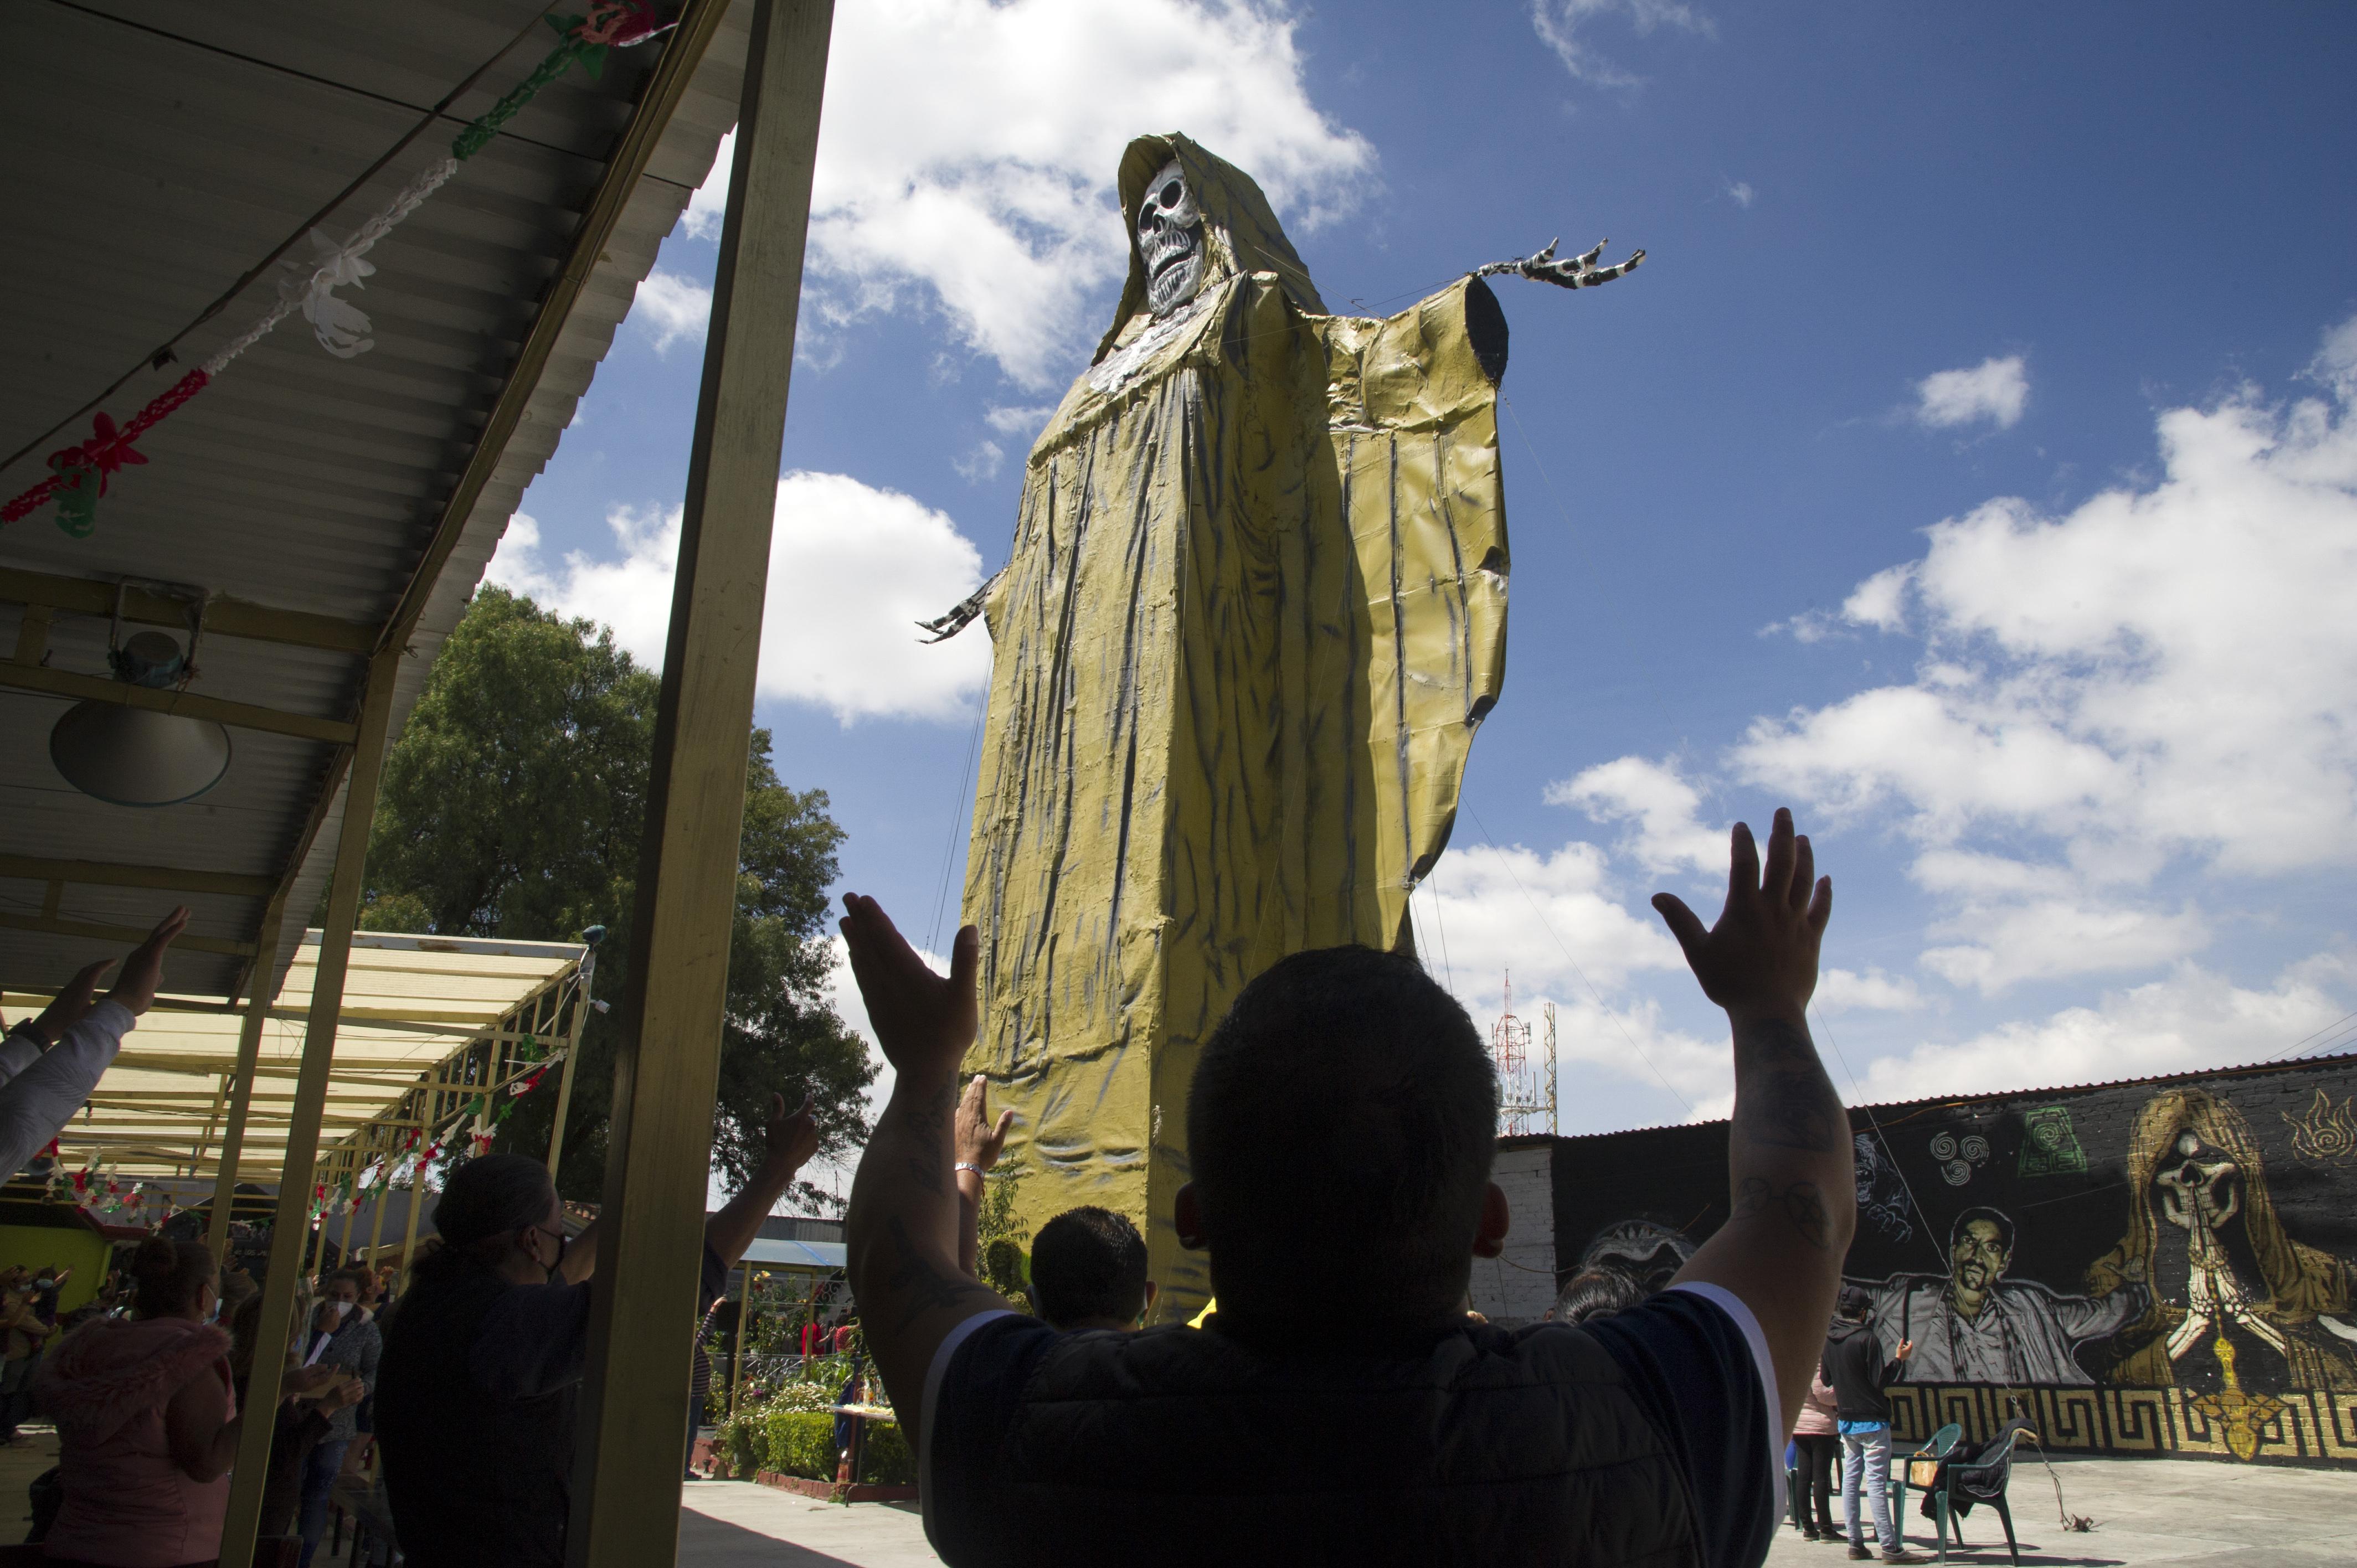 Los devotos levantan los brazos junto a la Santa Muerte de 22 metros de altura durante una ceremonia en el Santuario Internacional de la Santa Muerte en el municipio de Tultitlán, Estado de México, México, el 4 de octubre de 2020